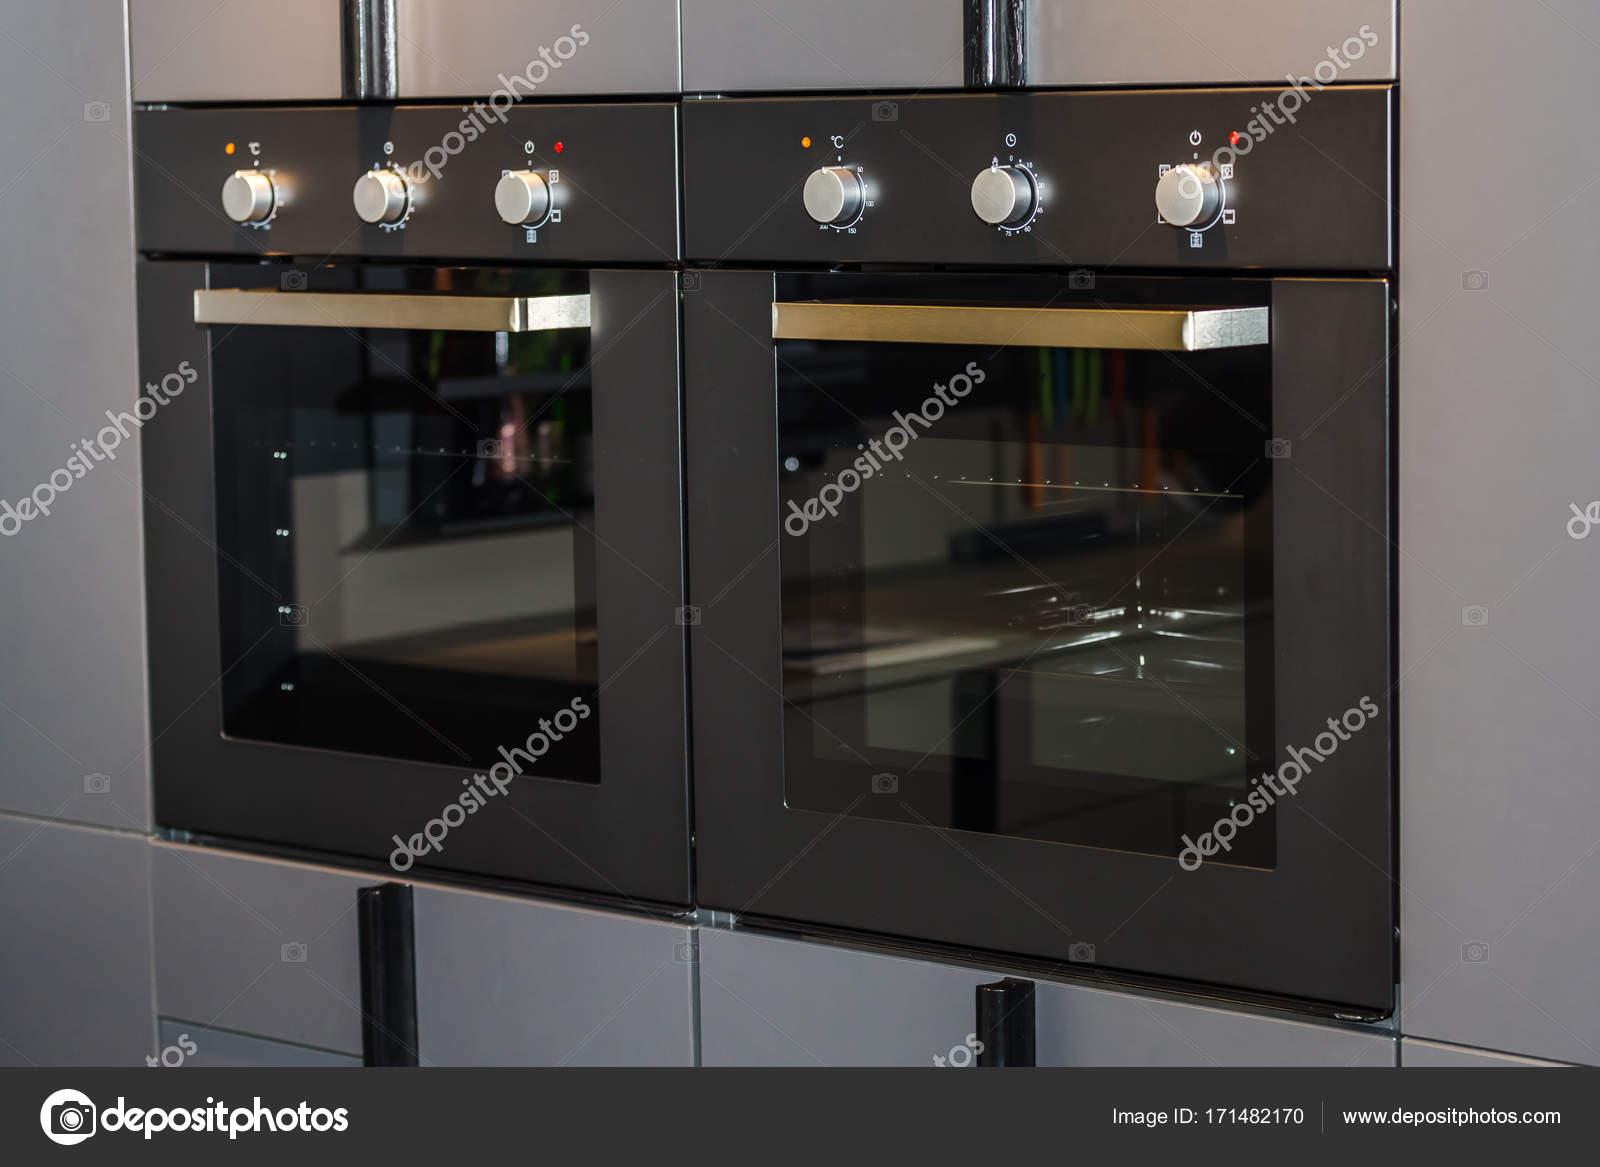 due forni a incasso — Foto Stock © AlesMunt #171482170